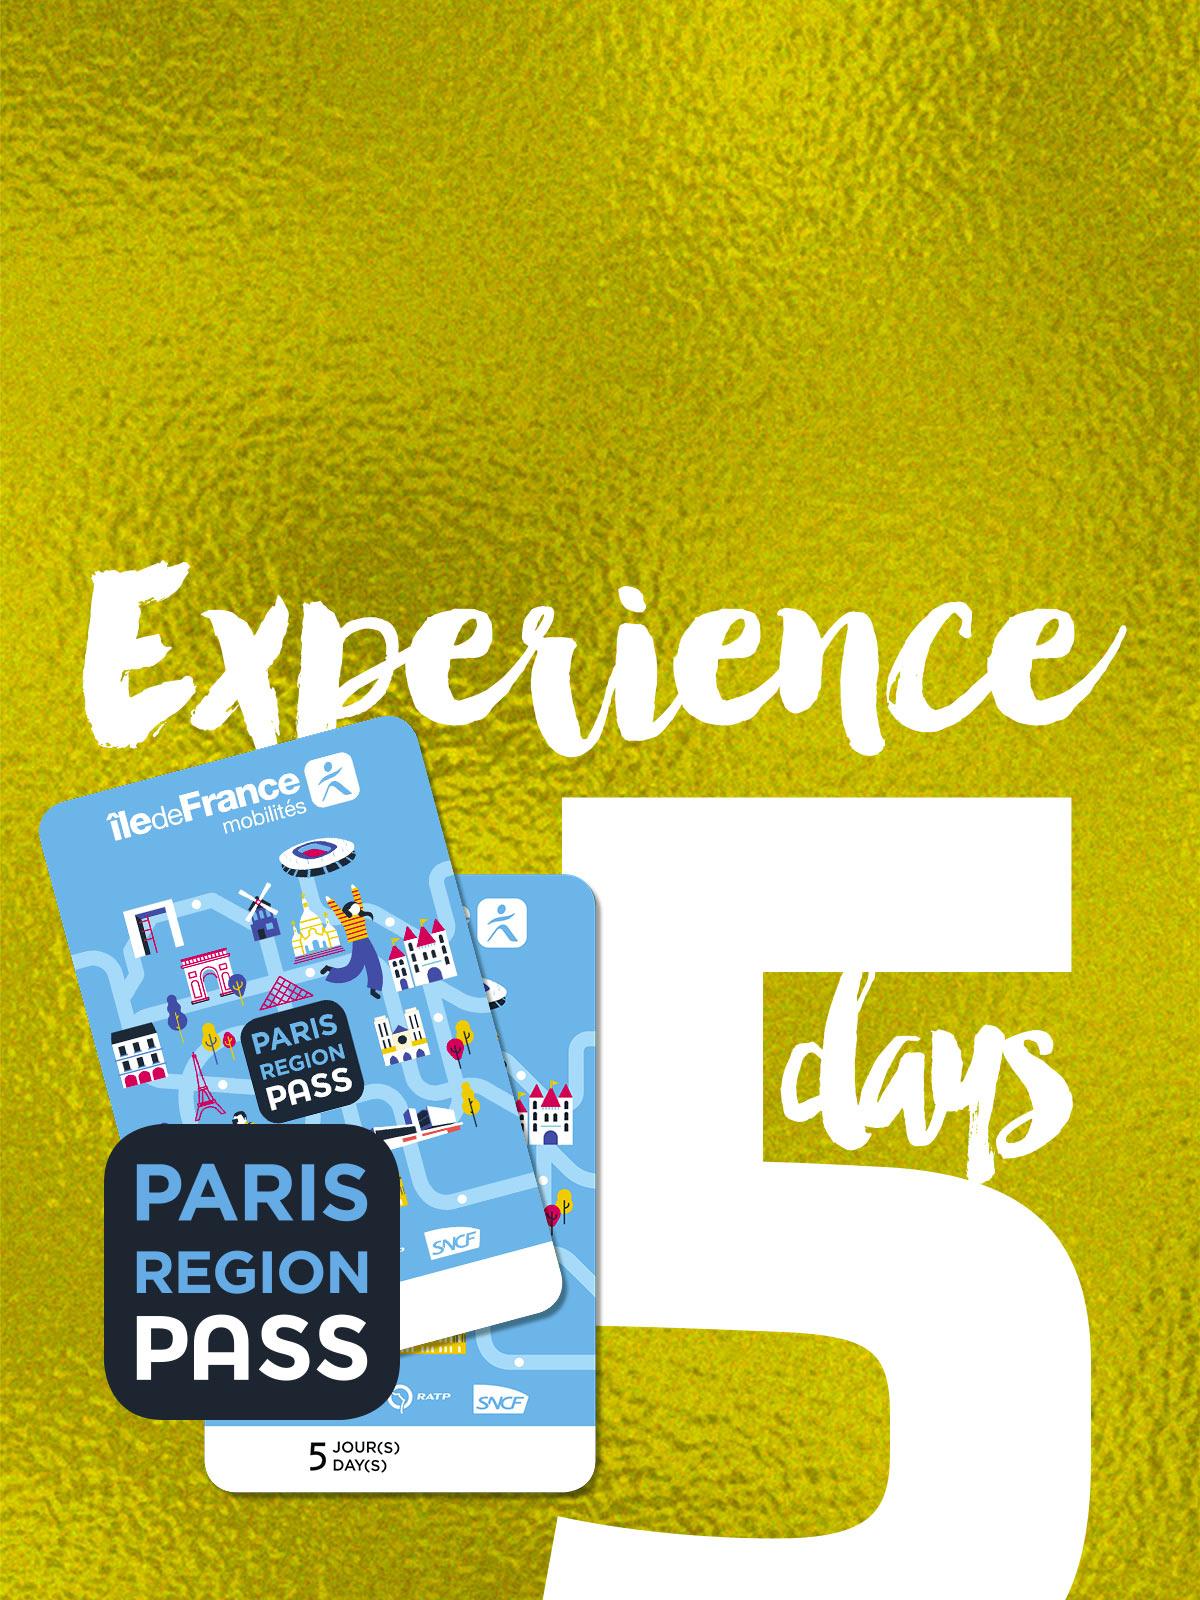 Paris Région Pass - EXPERIENCE - 5 jours